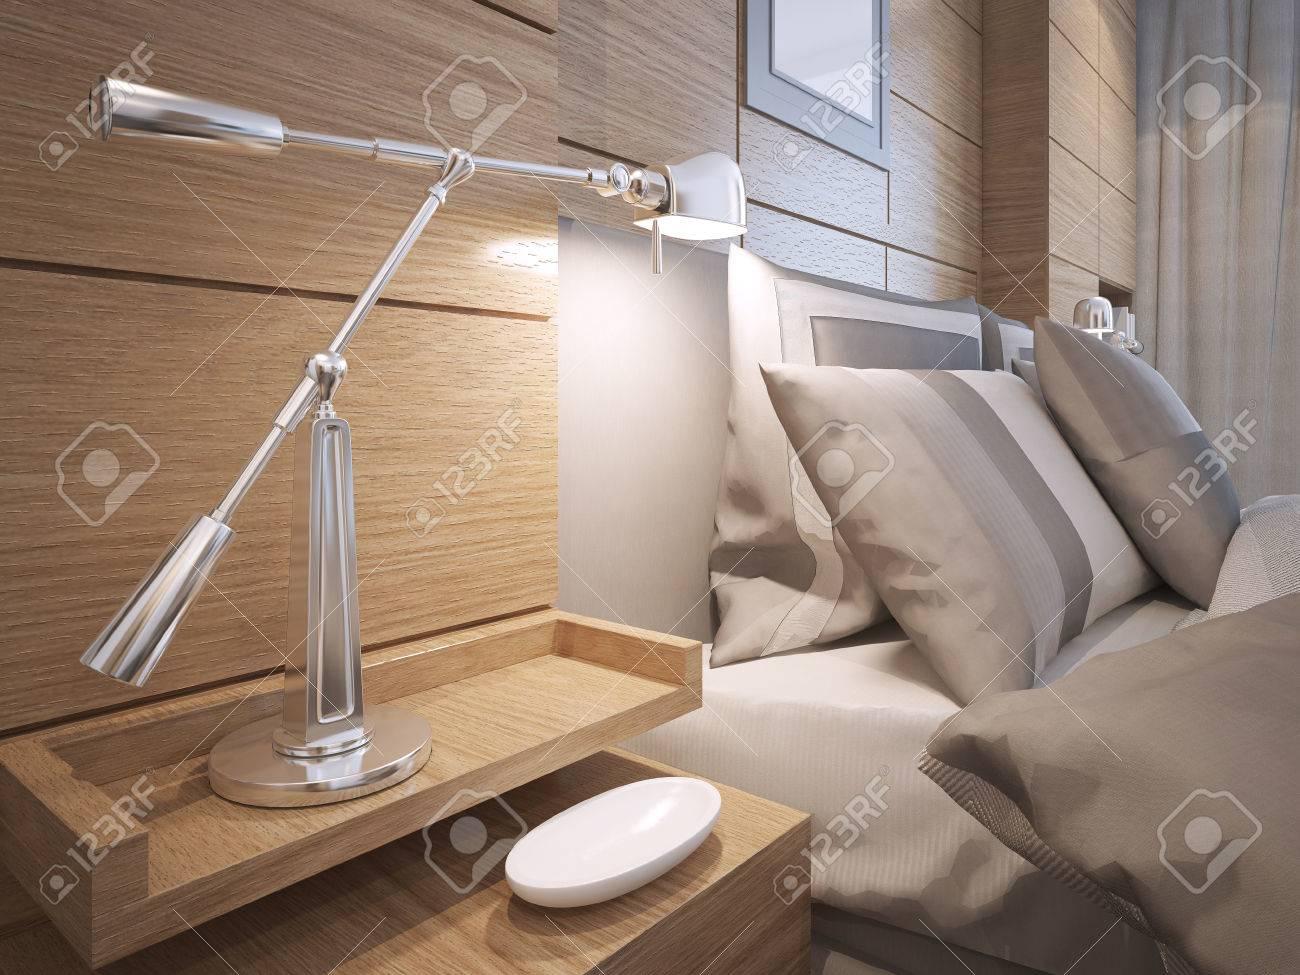 Idee Des Loft Schlafzimmer. Bedside Regale Mit Lampe Im Zimmer Mit Braun  Getäfelten Wänden